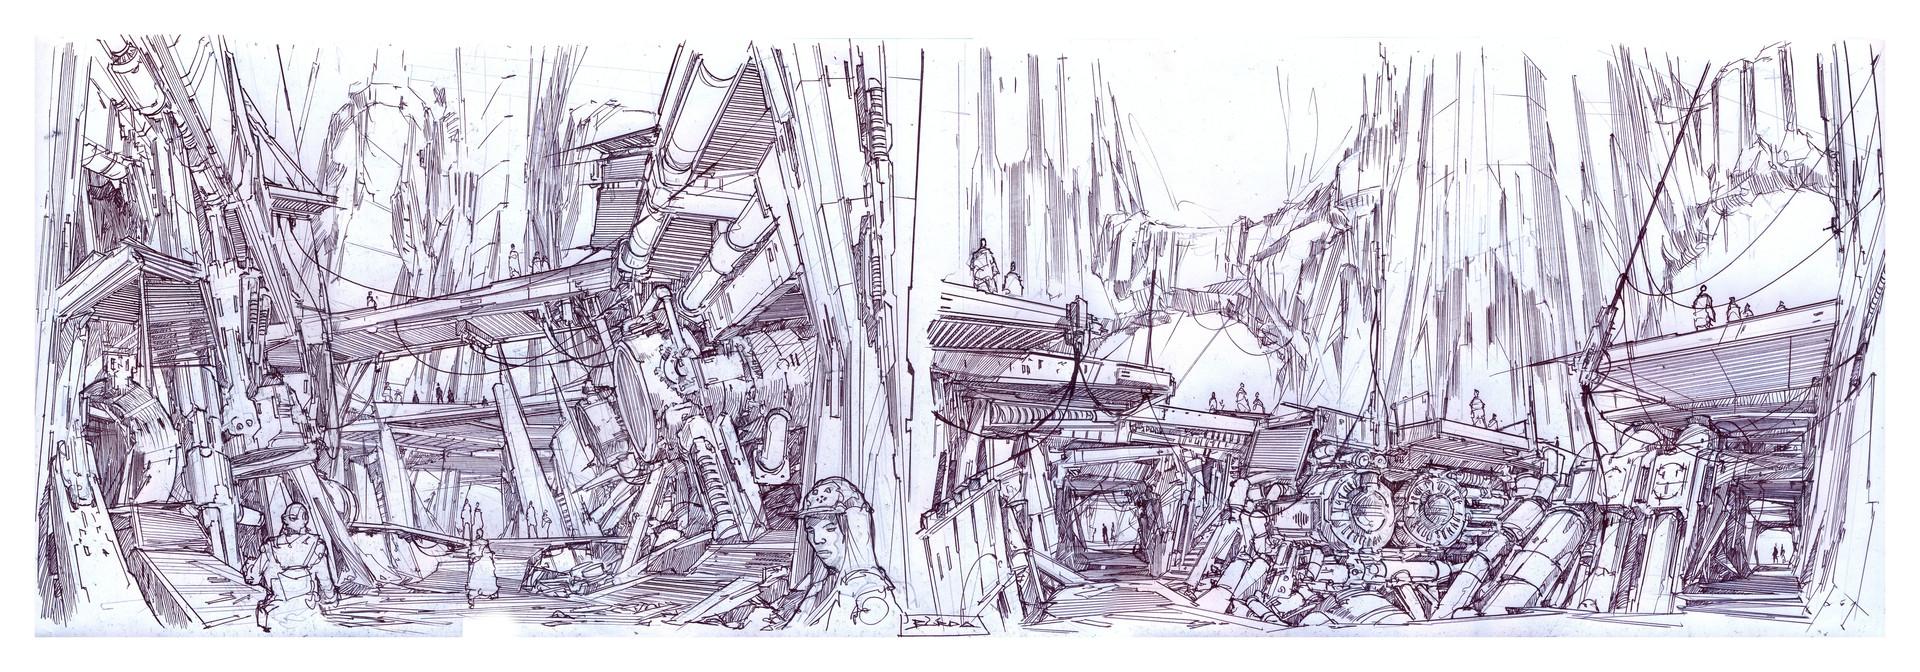 Alejandro burdisio bocetos subsuelos plaza telm1